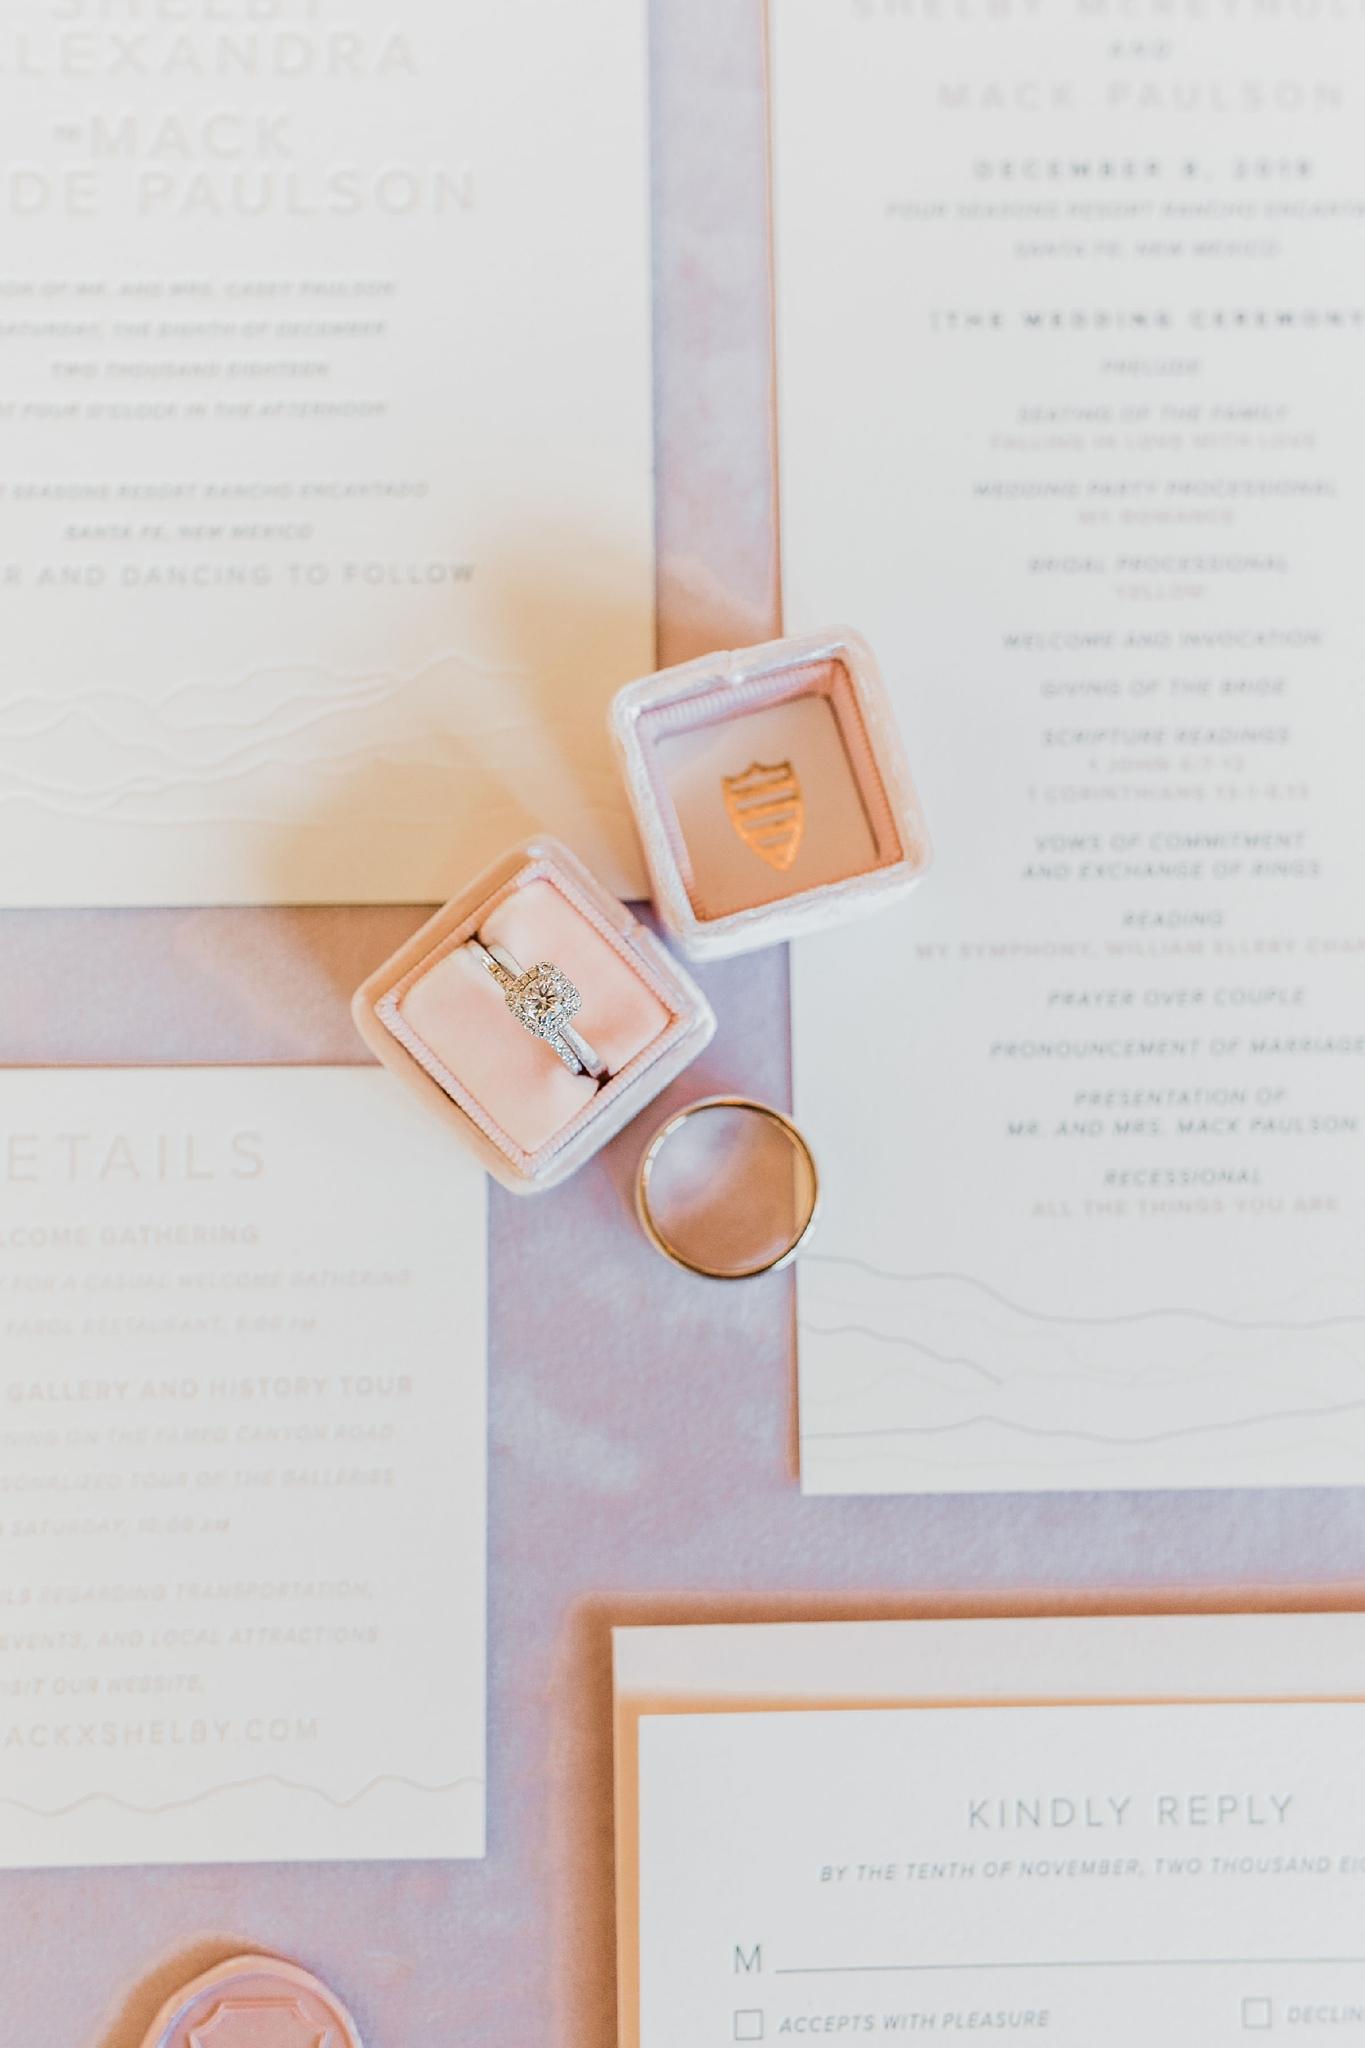 Alicia+lucia+photography+-+albuquerque+wedding+photographer+-+santa+fe+wedding+photography+-+new+mexico+wedding+photographer+-+new+mexico+wedding+-+santa+fe+wedding+-+albuquerque+wedding+-+wedding+rings+-+engagement+rings_0018.jpg